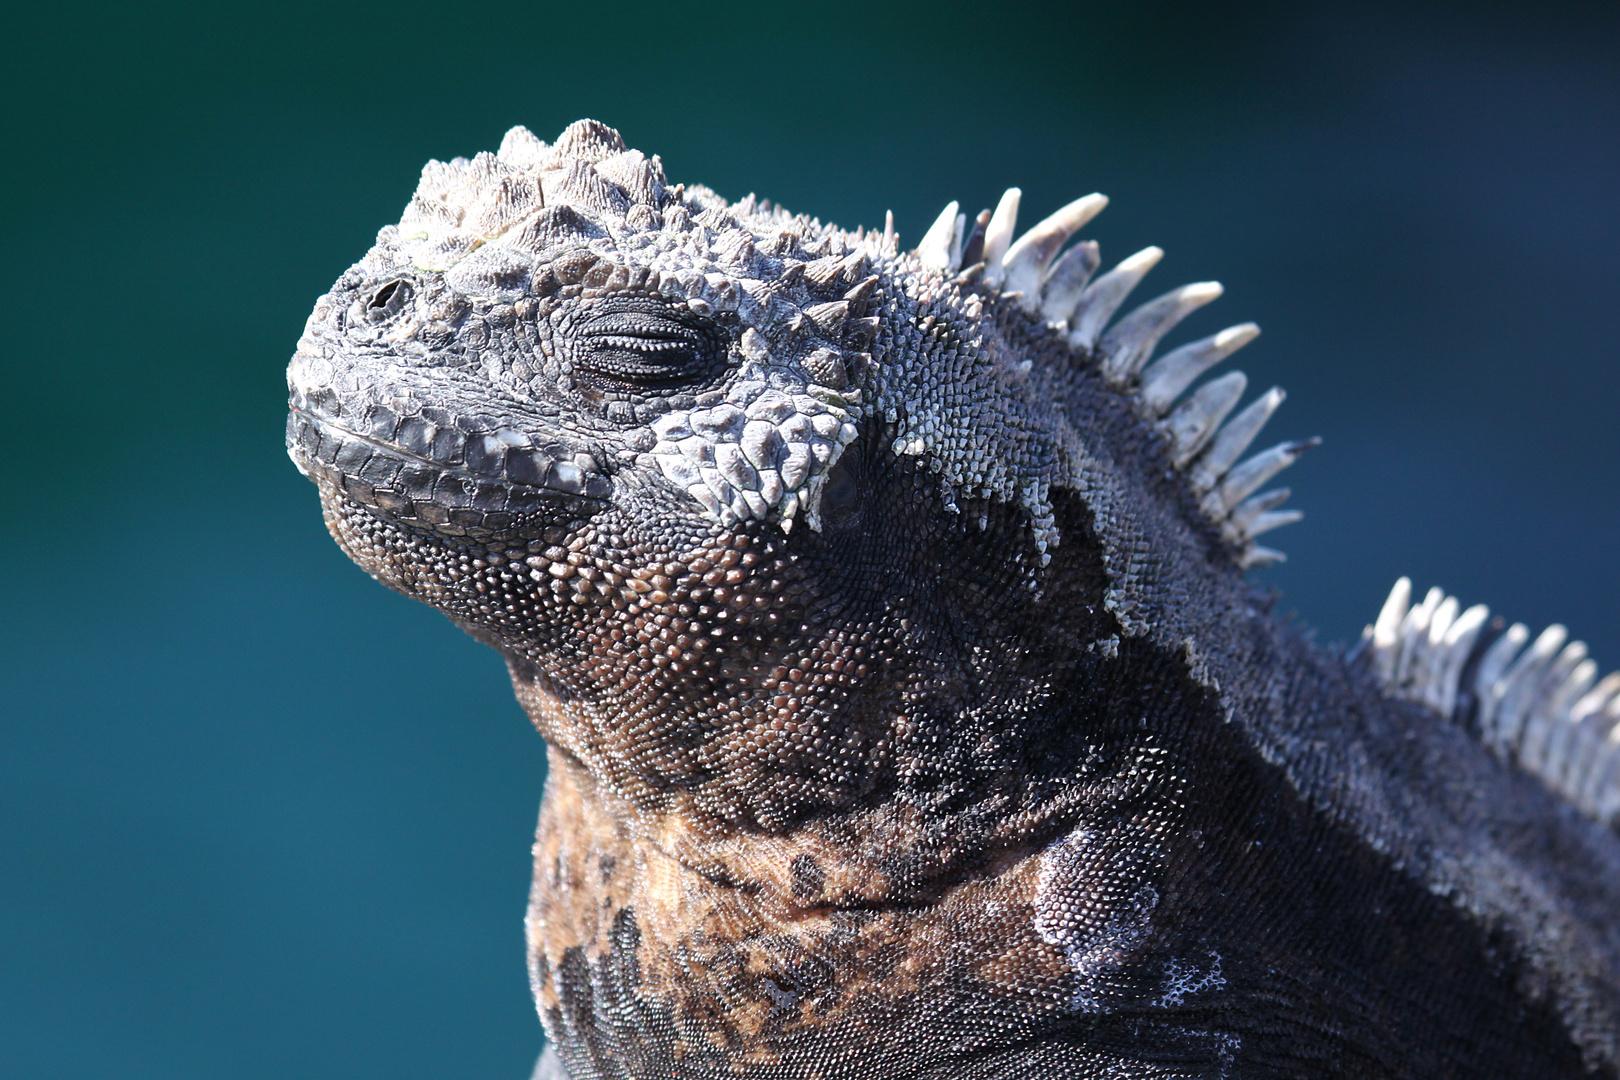 Meerechse - Galapagos - Ecuador